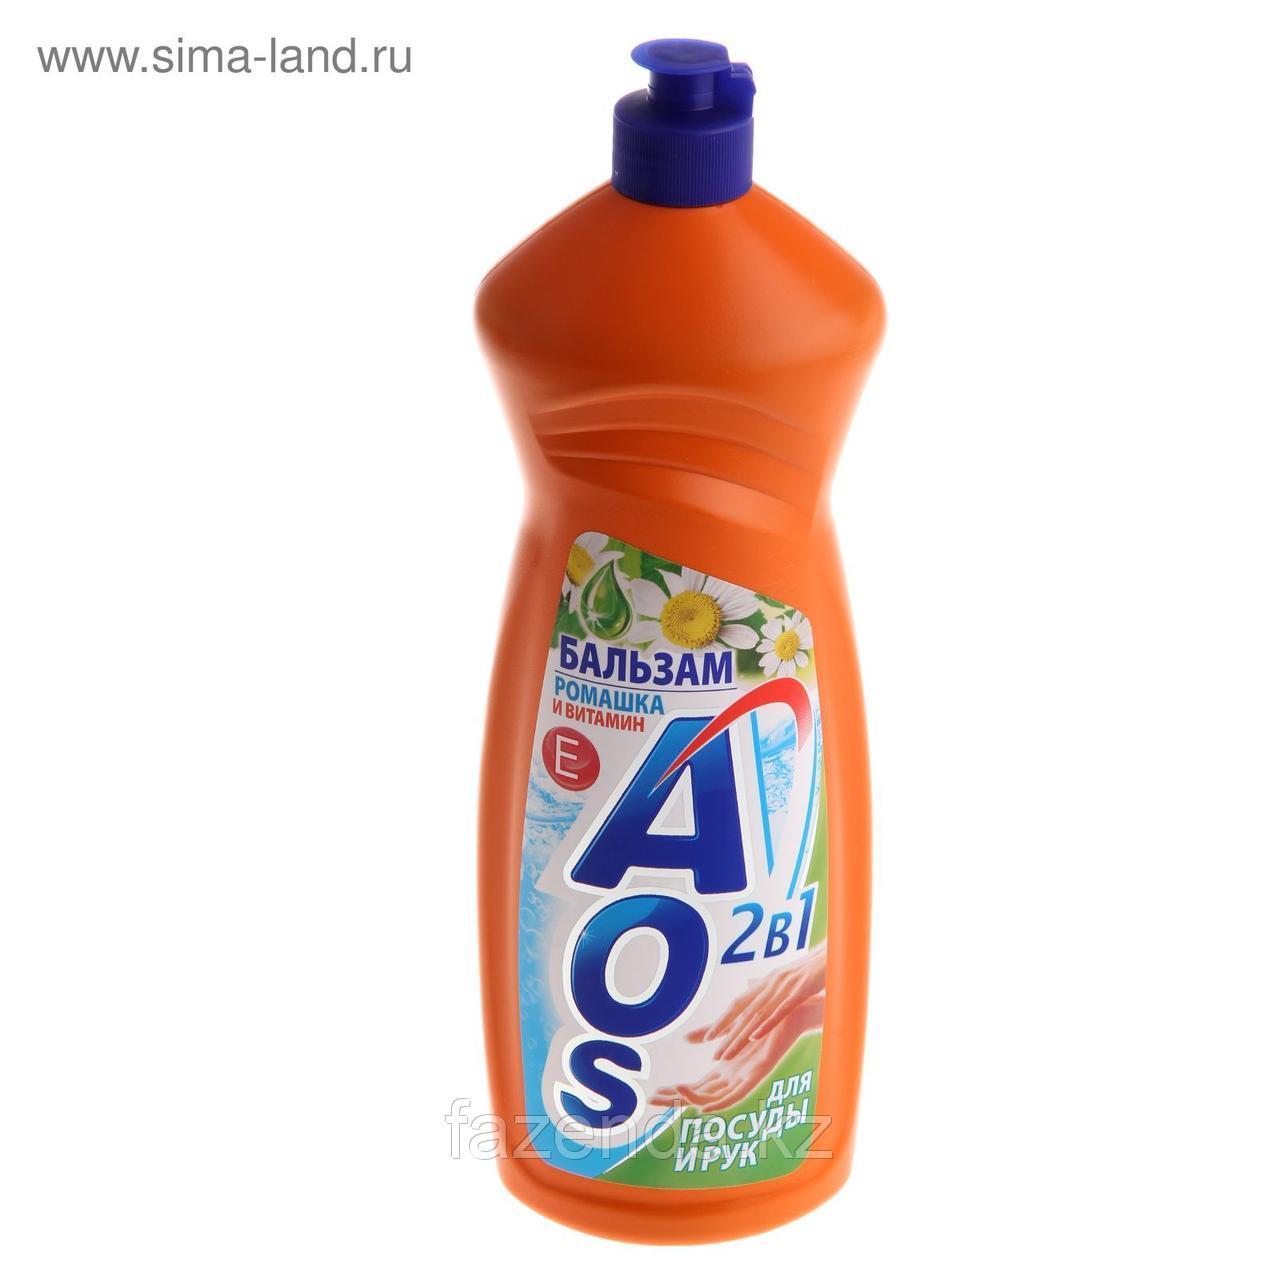 AOS 2в1 Бальзам Ромашка 1000 мл